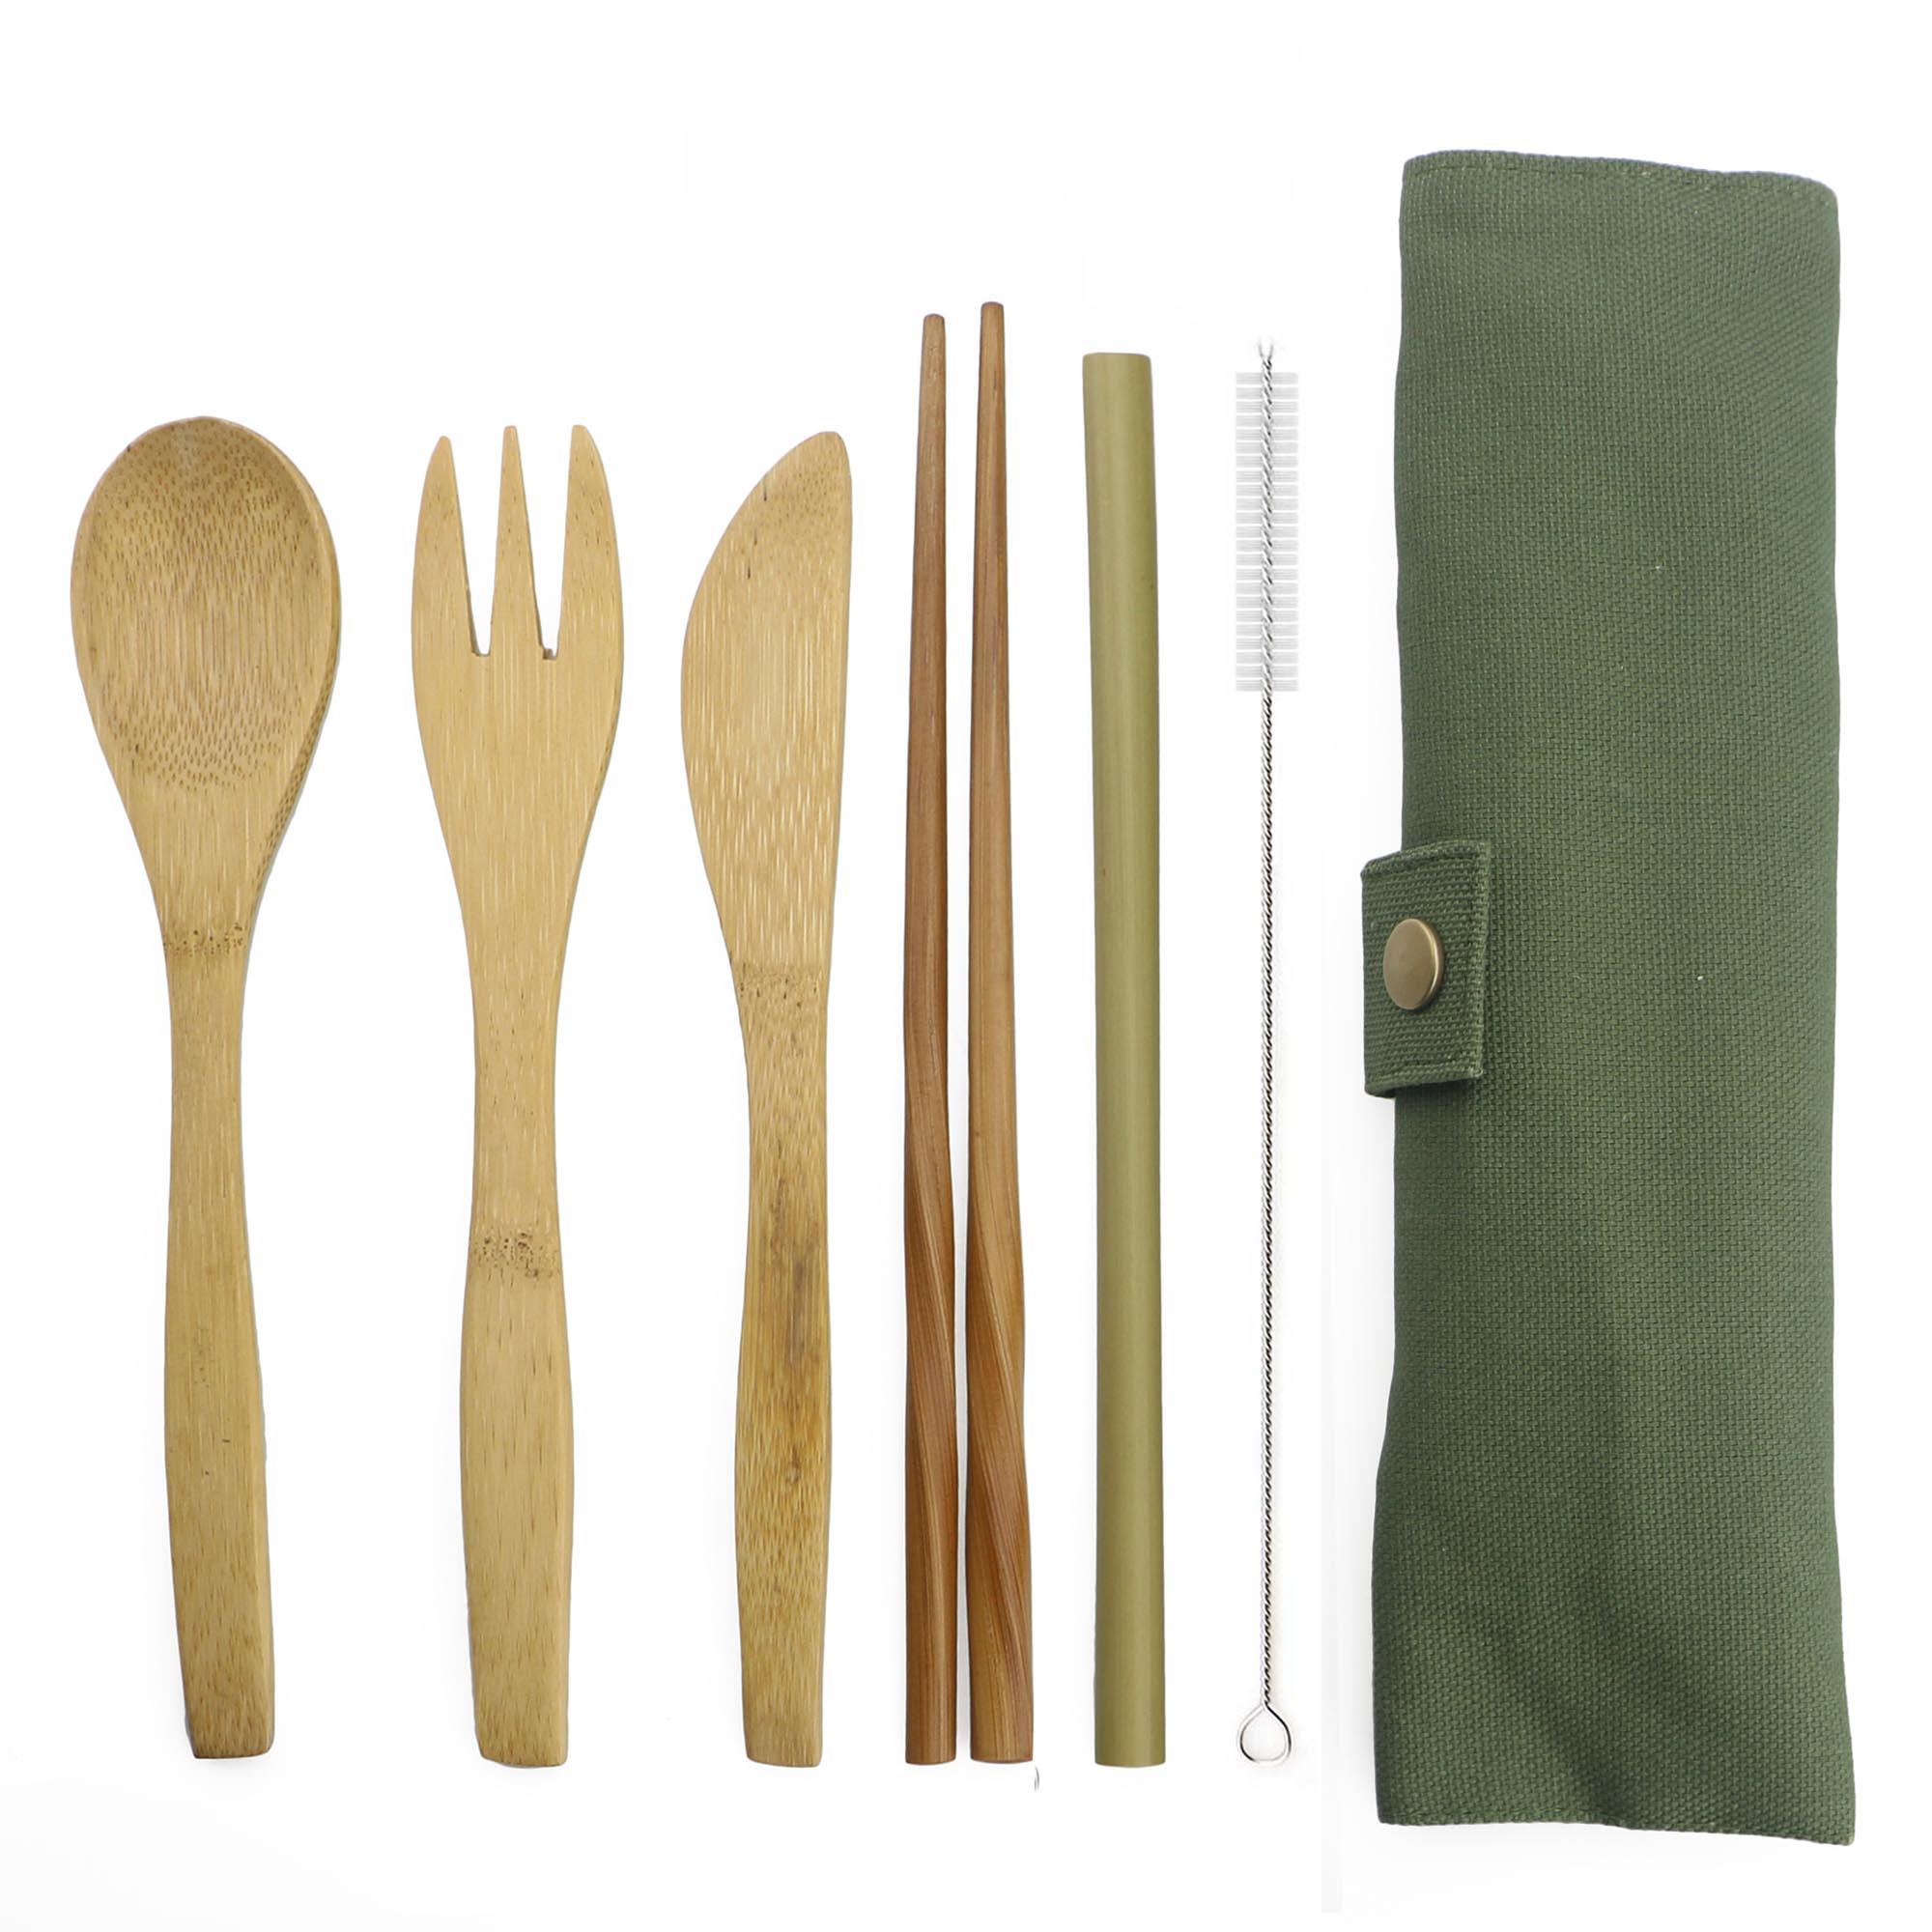 6-pieza portátil de lujo vajilla japonés cubiertos de madera conjunto de cubiertos paja con bolsa de tela cocina vajilla Cena